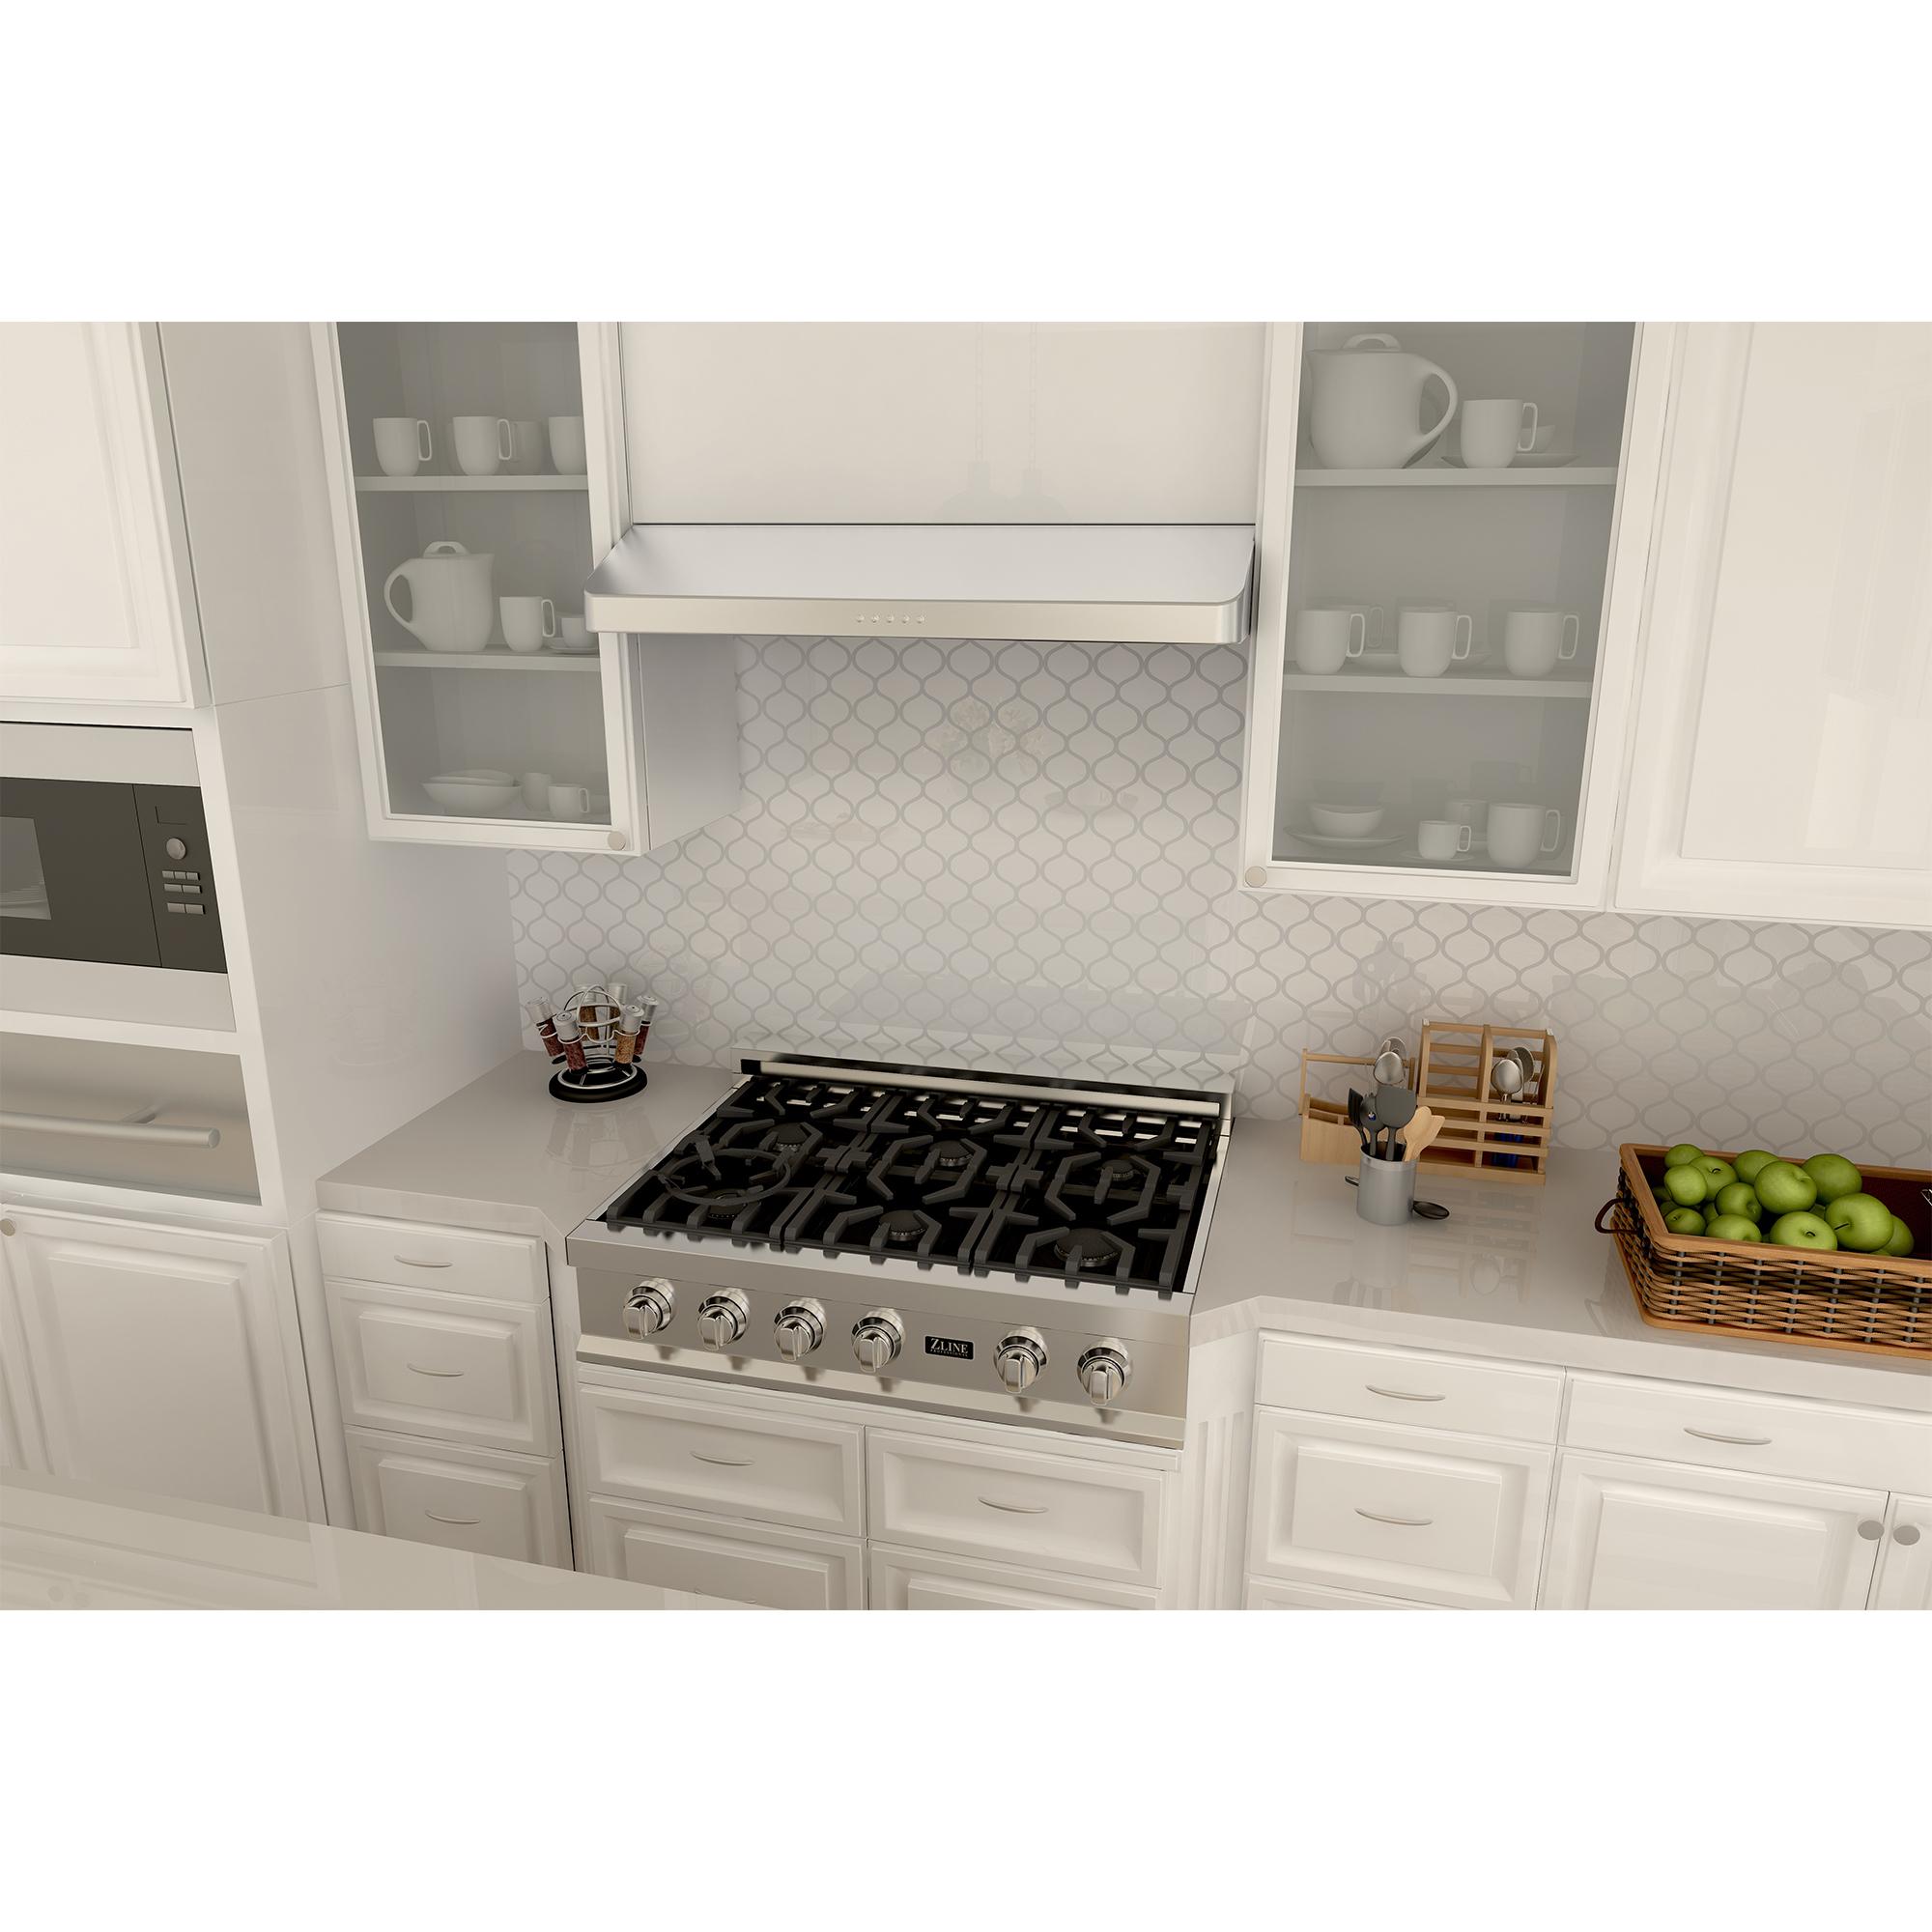 zline-stainless-steel-under-cabinet-range-hood-617-kitchen-updated-2.jpg